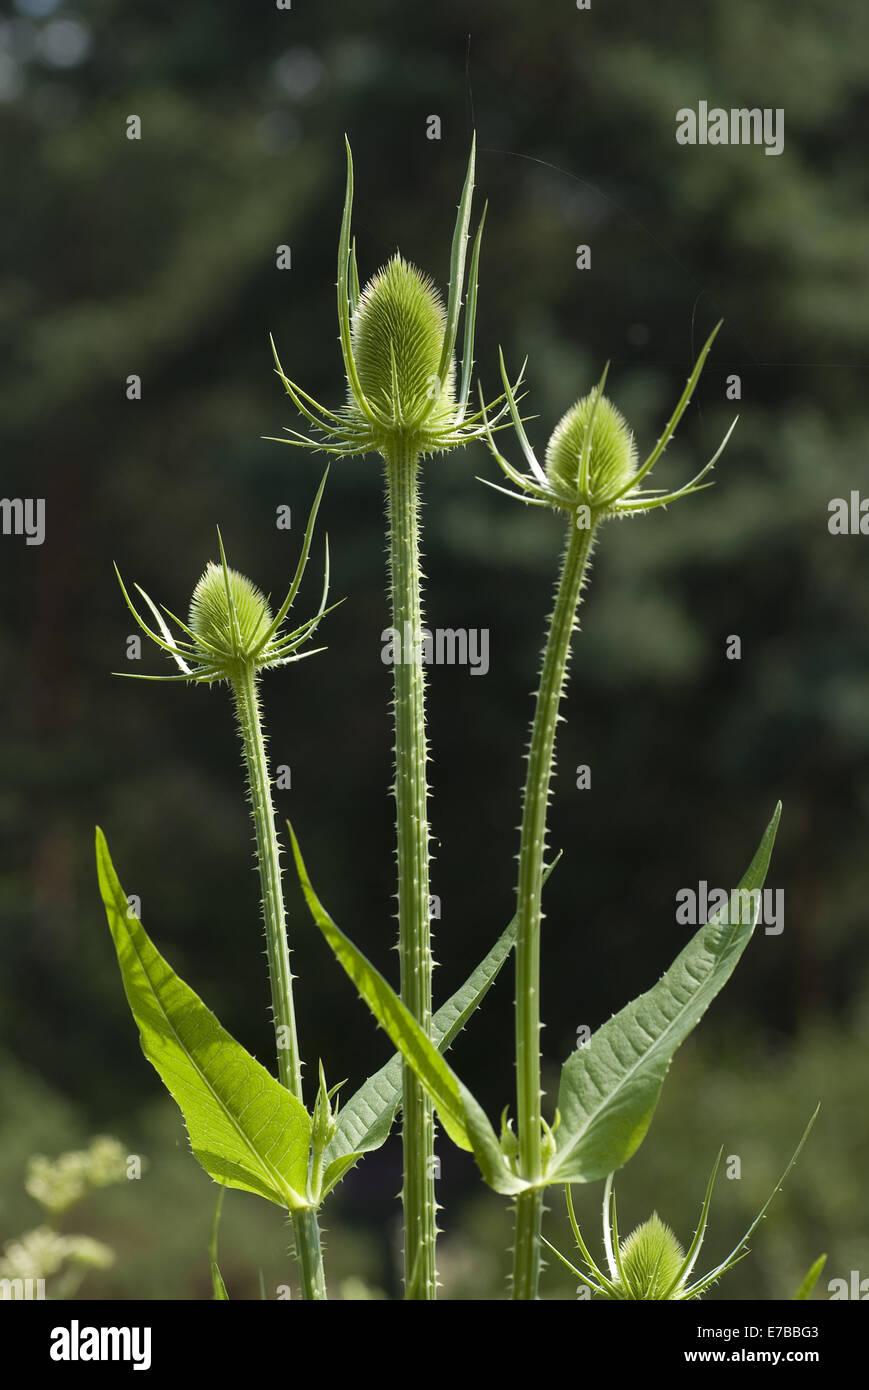 fuller's teasel, dipsacus fullonum - Stock Image